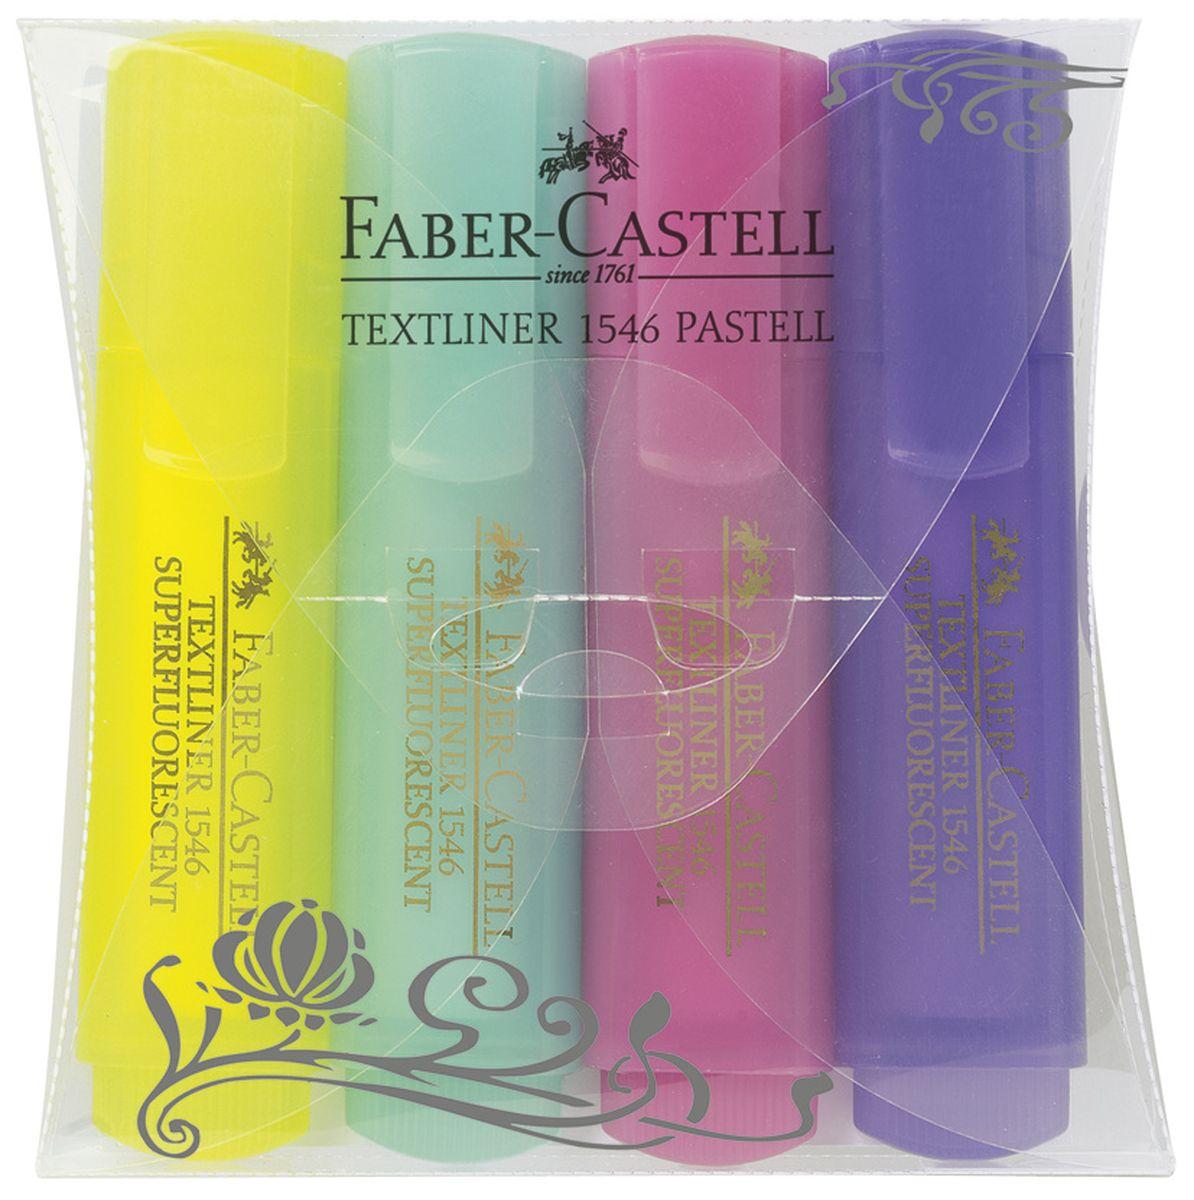 Faber-Castell Текстовыделитель 4 цвета09-0980Суперфлуоресцентный текстовыделитель Faber-Castell подойдет для выделения текстов на разных видах бумаги, в том числе на бумаге для факсов и копировальных машин, и станет незаменимым атрибутом работы в офисе. Текстовыделитель с клиновидным острием обладает ярким, насыщенным цветом и четким контуром линии шириной 2-5 мм. В наборе 4 текстовыделителя пастельных цветов в привлекательном прозрачном корпусе.